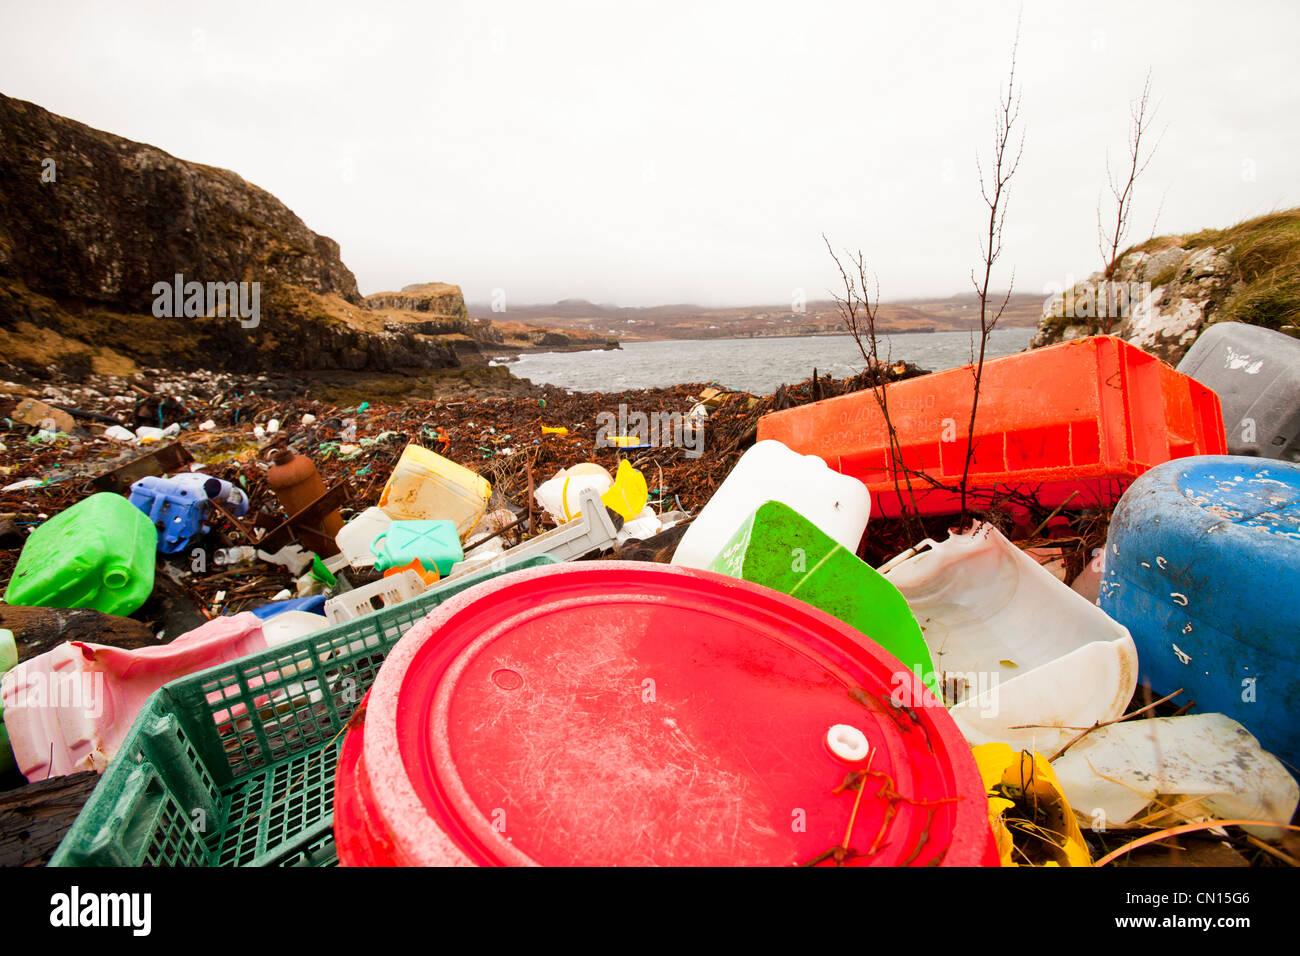 Kunststoff Schutt angeschwemmt in Ardtreck Bay auf der Insel Skye, Schottland, UK. Stockfoto